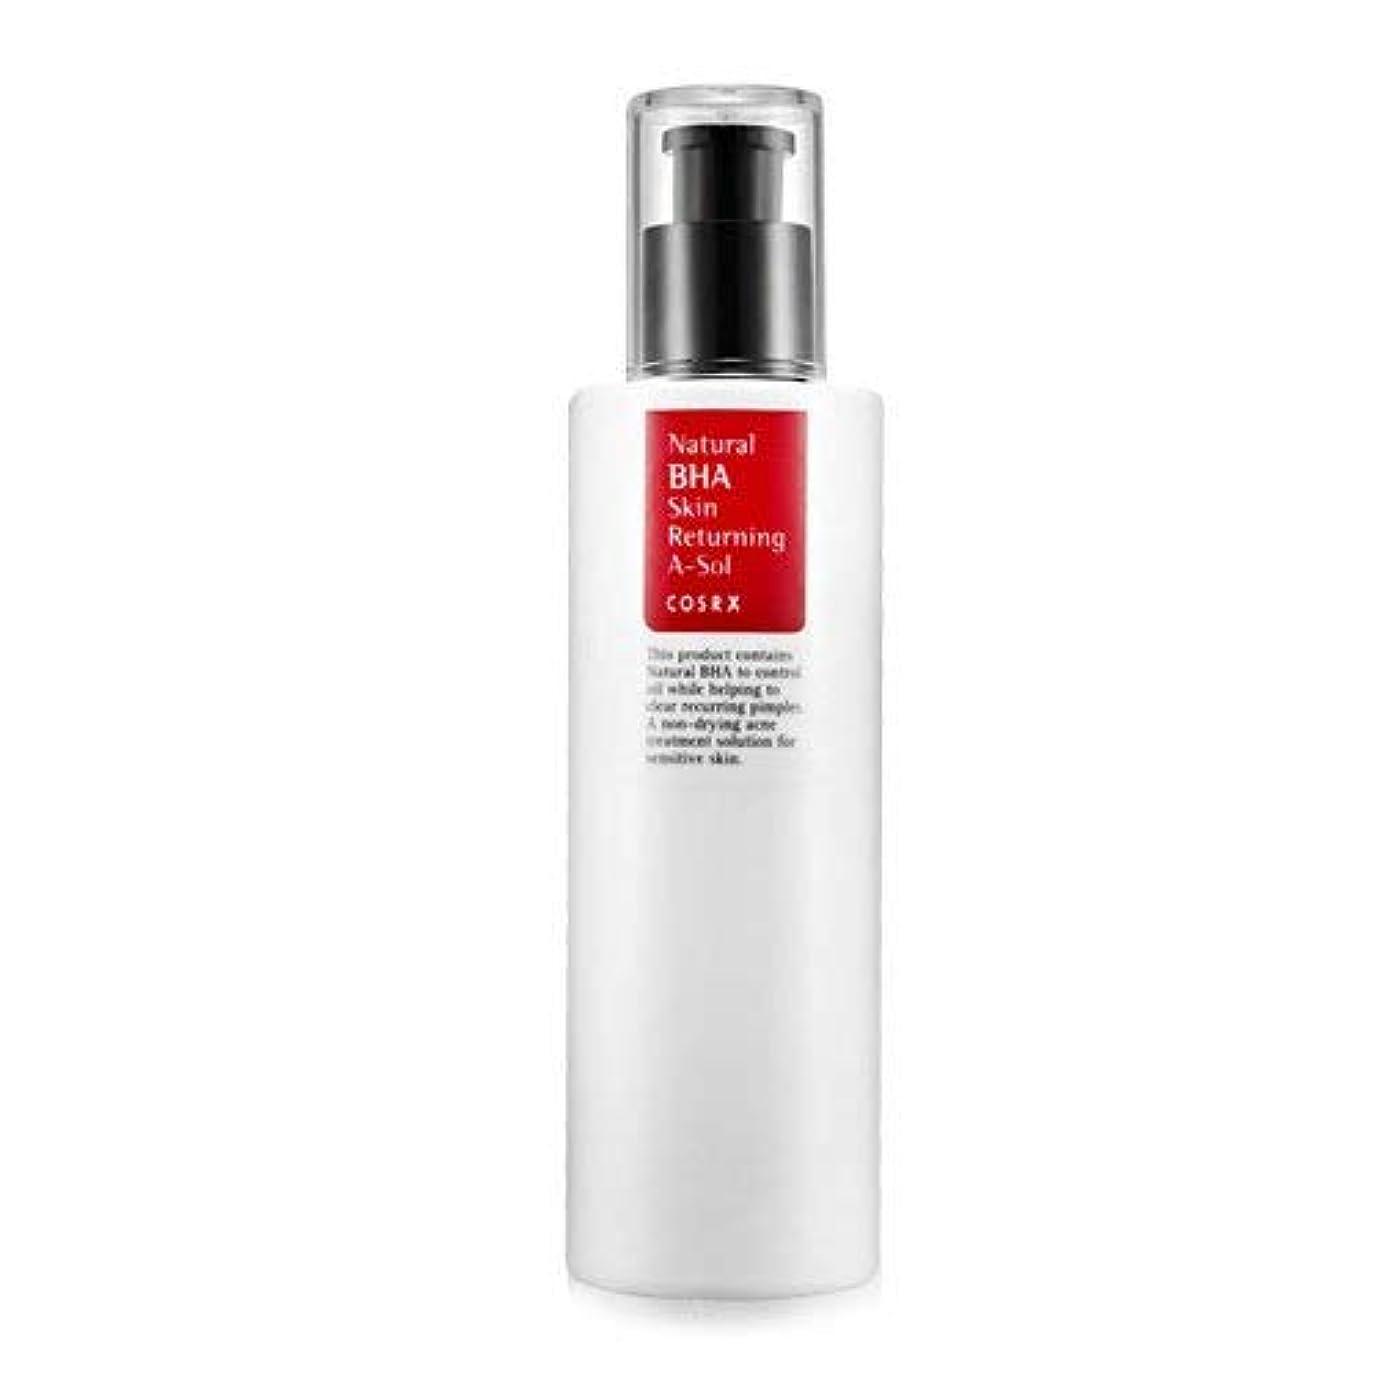 コンパクト頭スキャンCOSRX ナチュラル BHA スキン リータニング A-sol /Natural BHA Skin Returning A-sol(100ml*6 Pack)